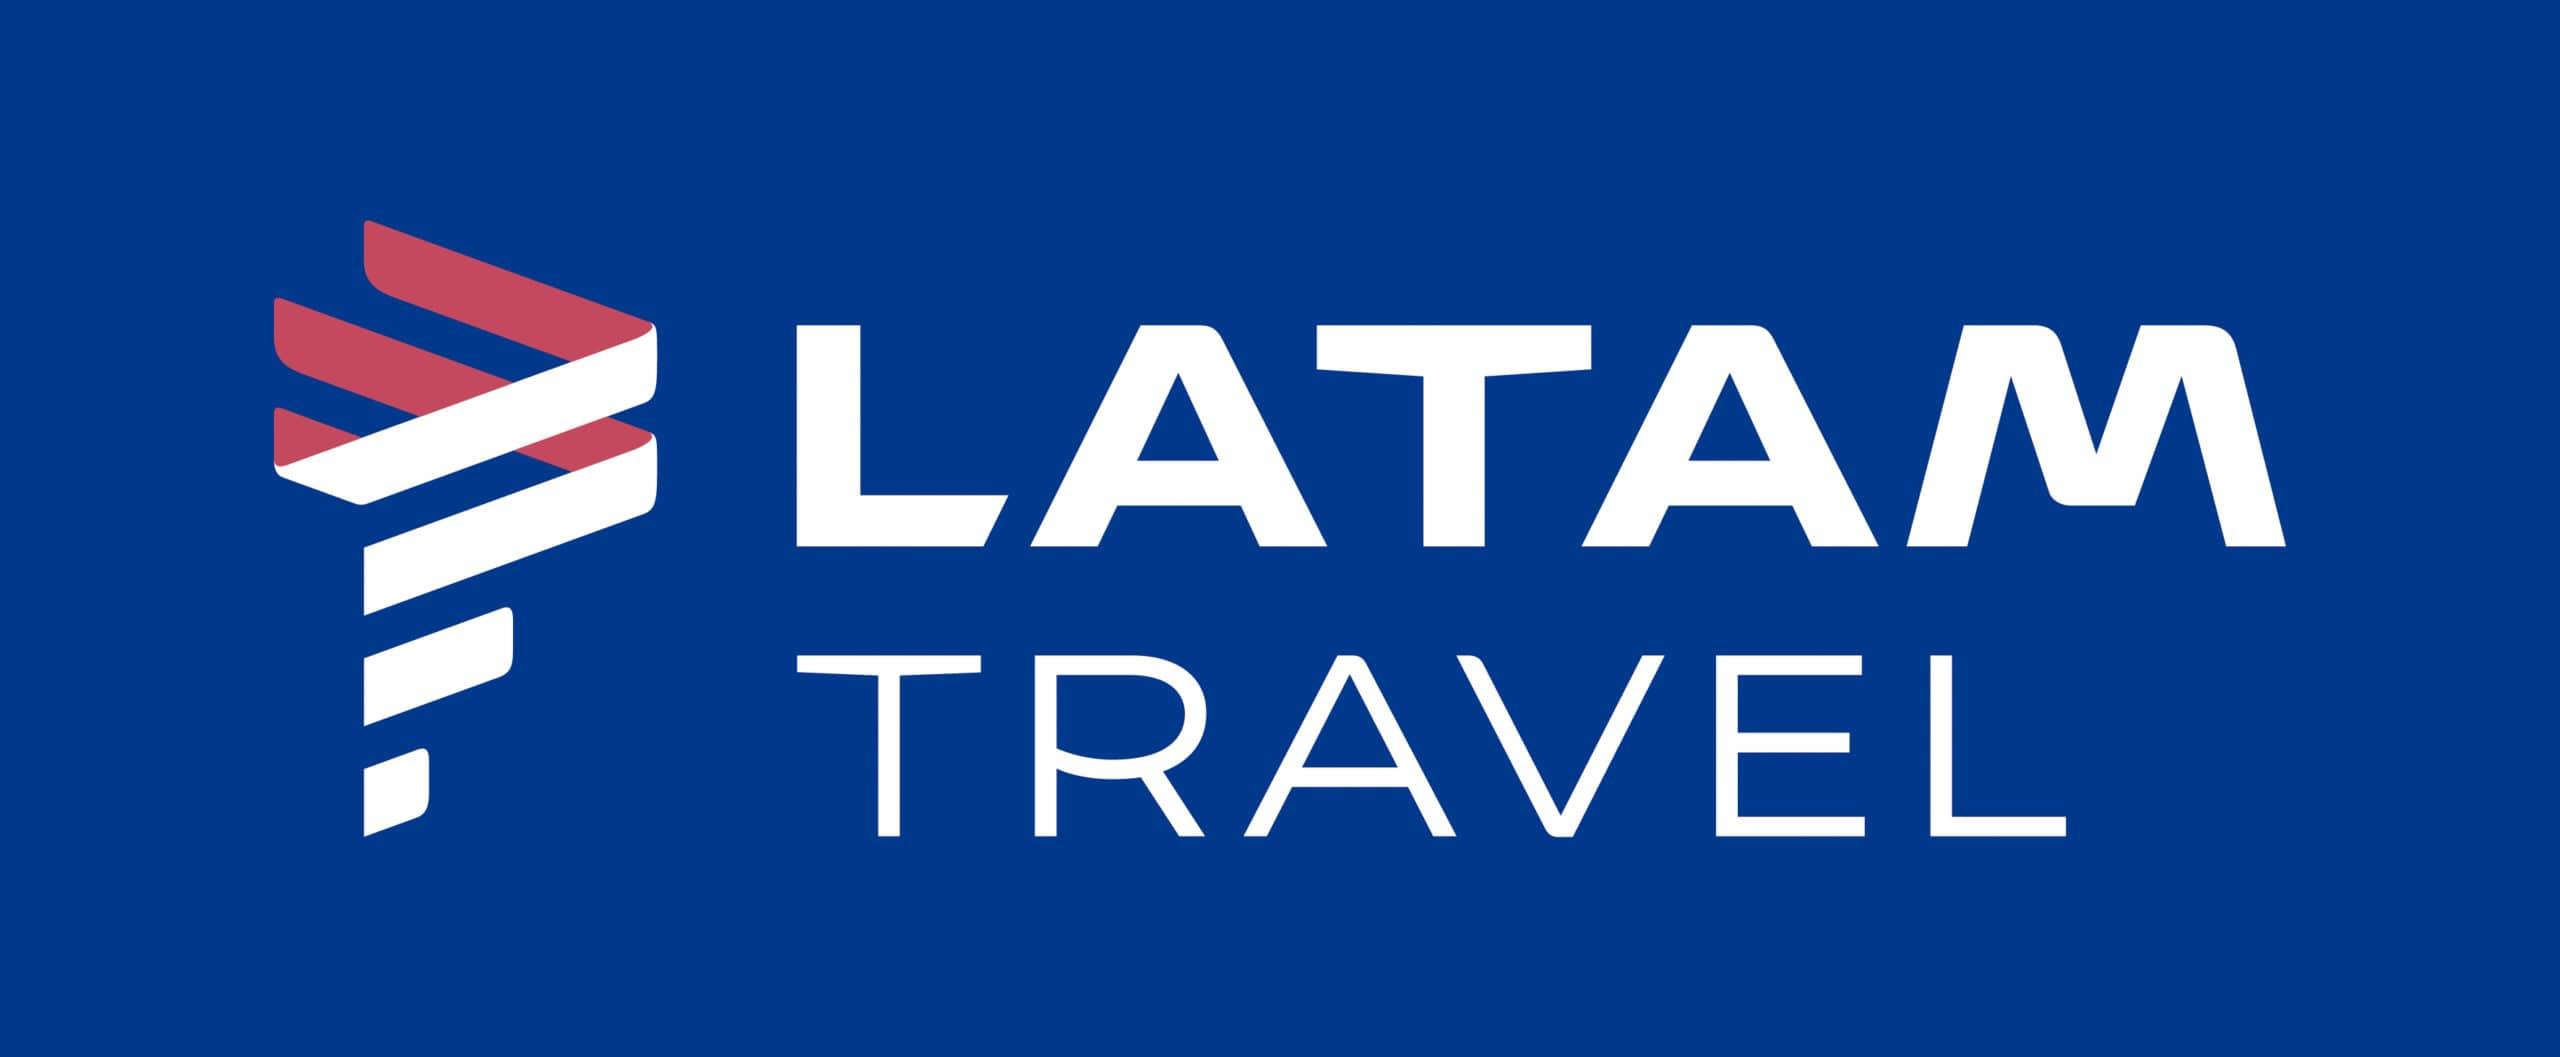 LATAM Travel negativo CMYK